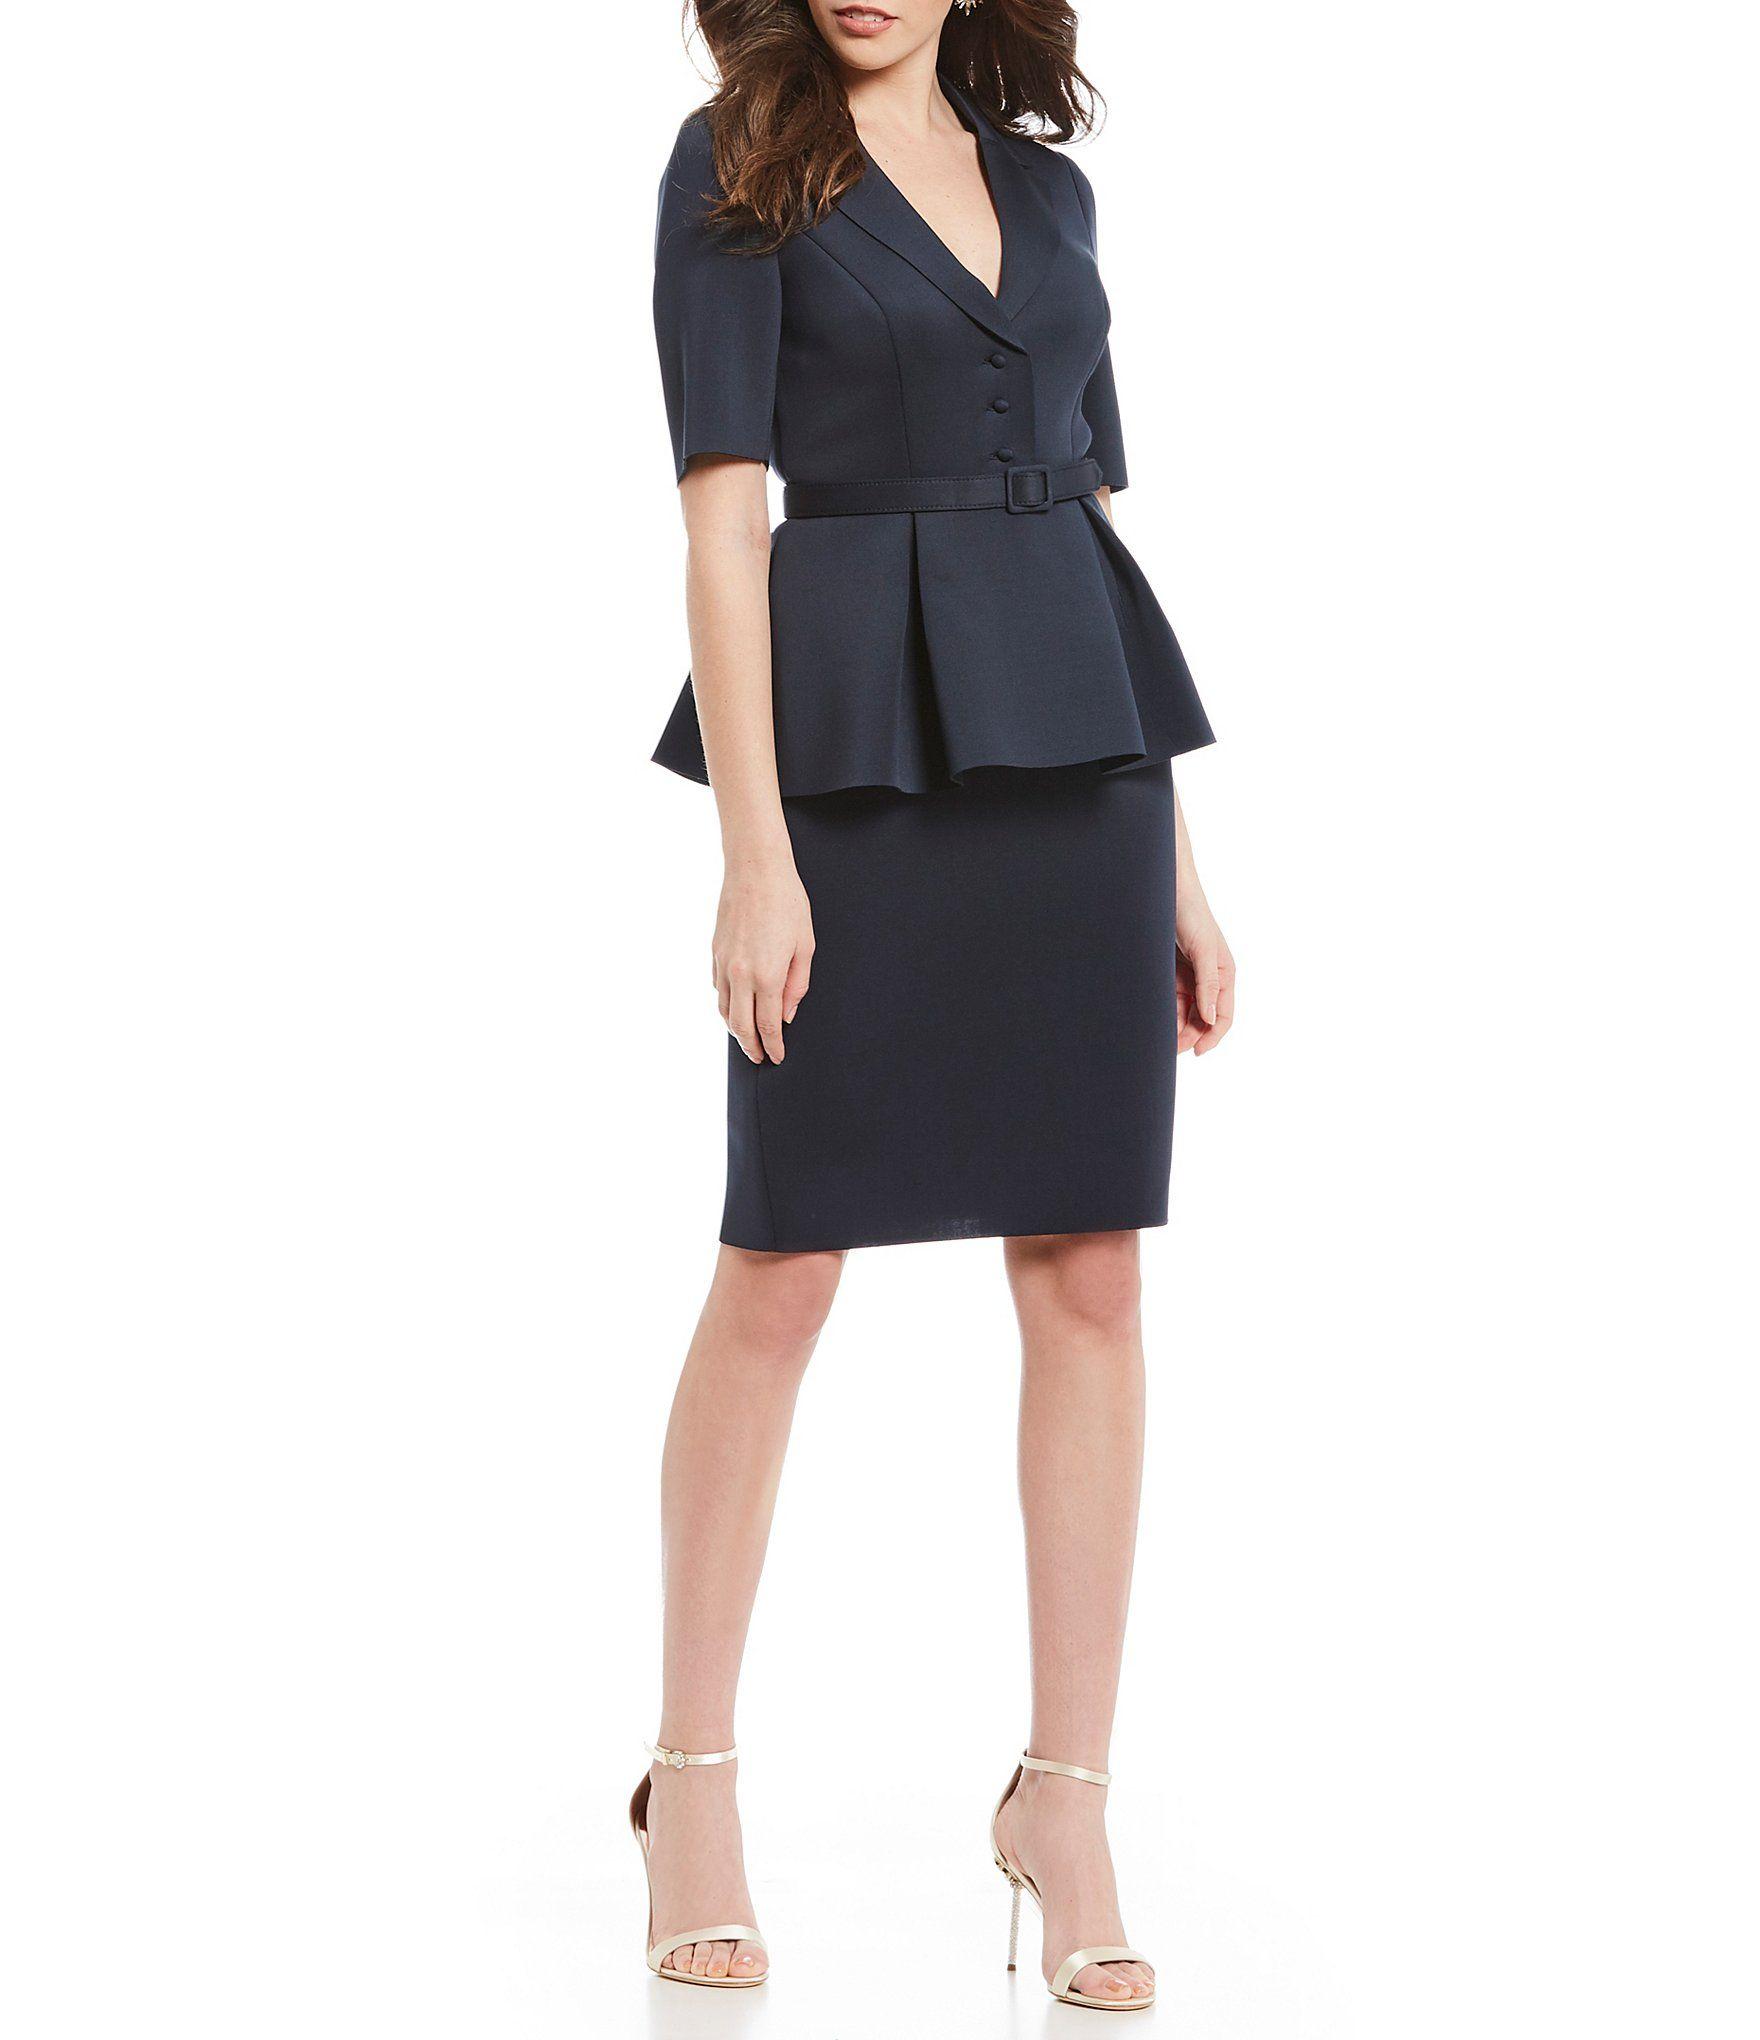 4e0009b468f Shop for Badgley Mischka Peplum Button Front Belted Waist Suit Pencil Dress  at Dillards.com. Visit